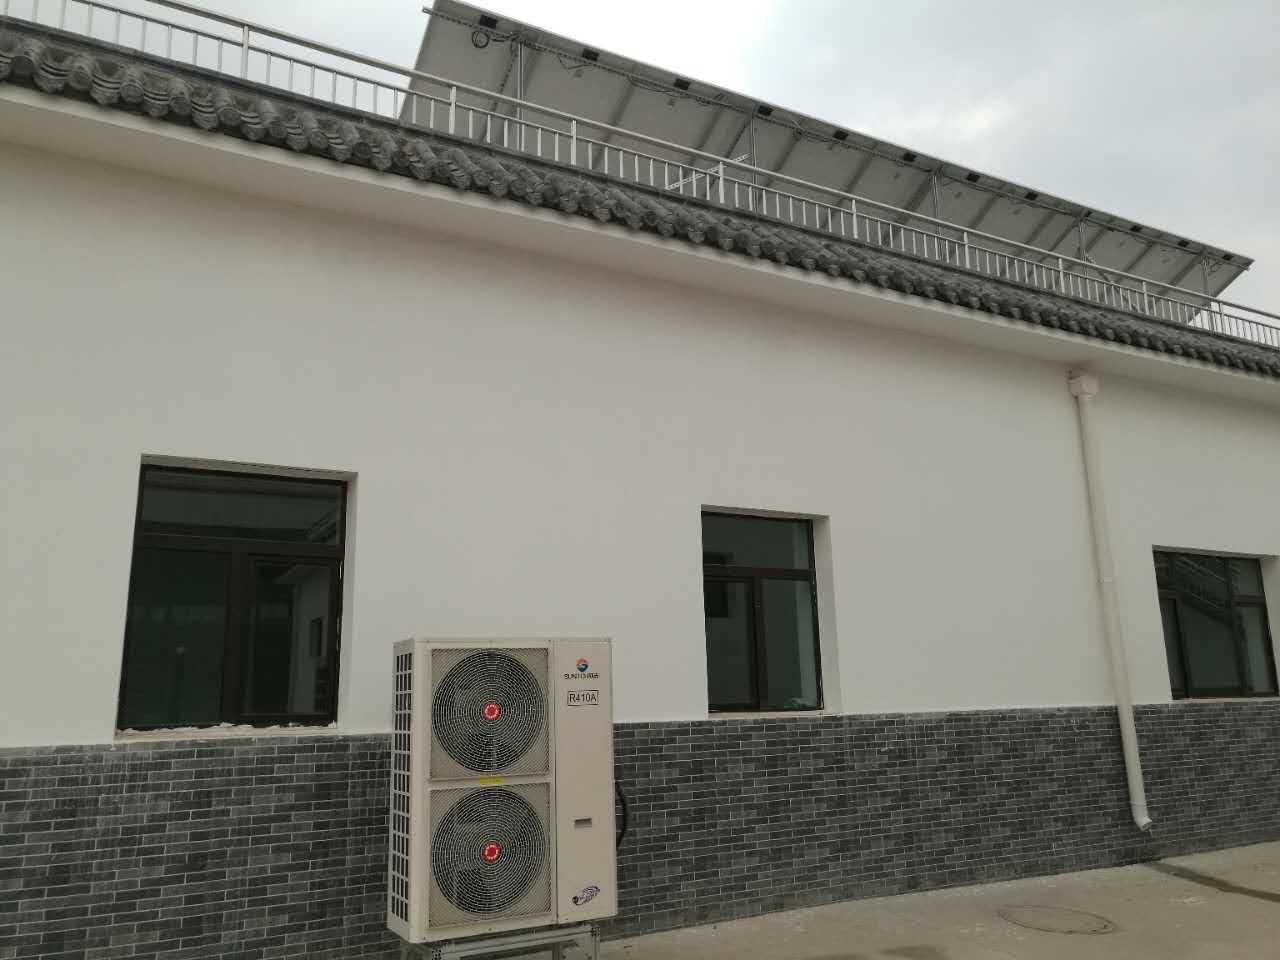 兰州变频空气源热泵:陇星热能新能源示范园